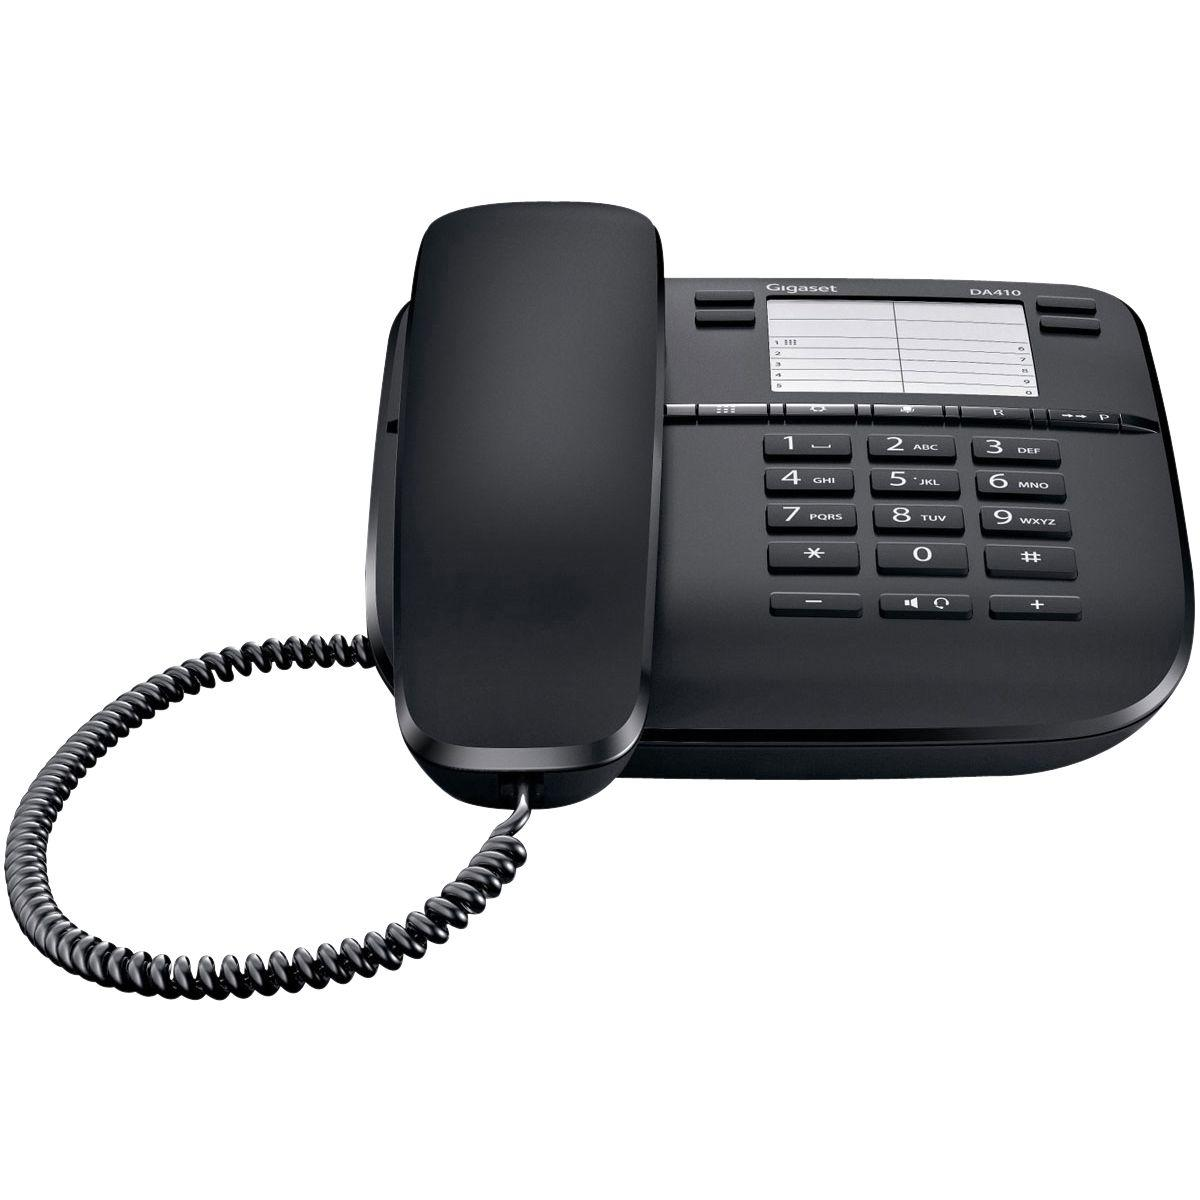 Téléphone filaire gigaset da410 noir - 20% de remise immédiate avec le code : cool20 (photo)